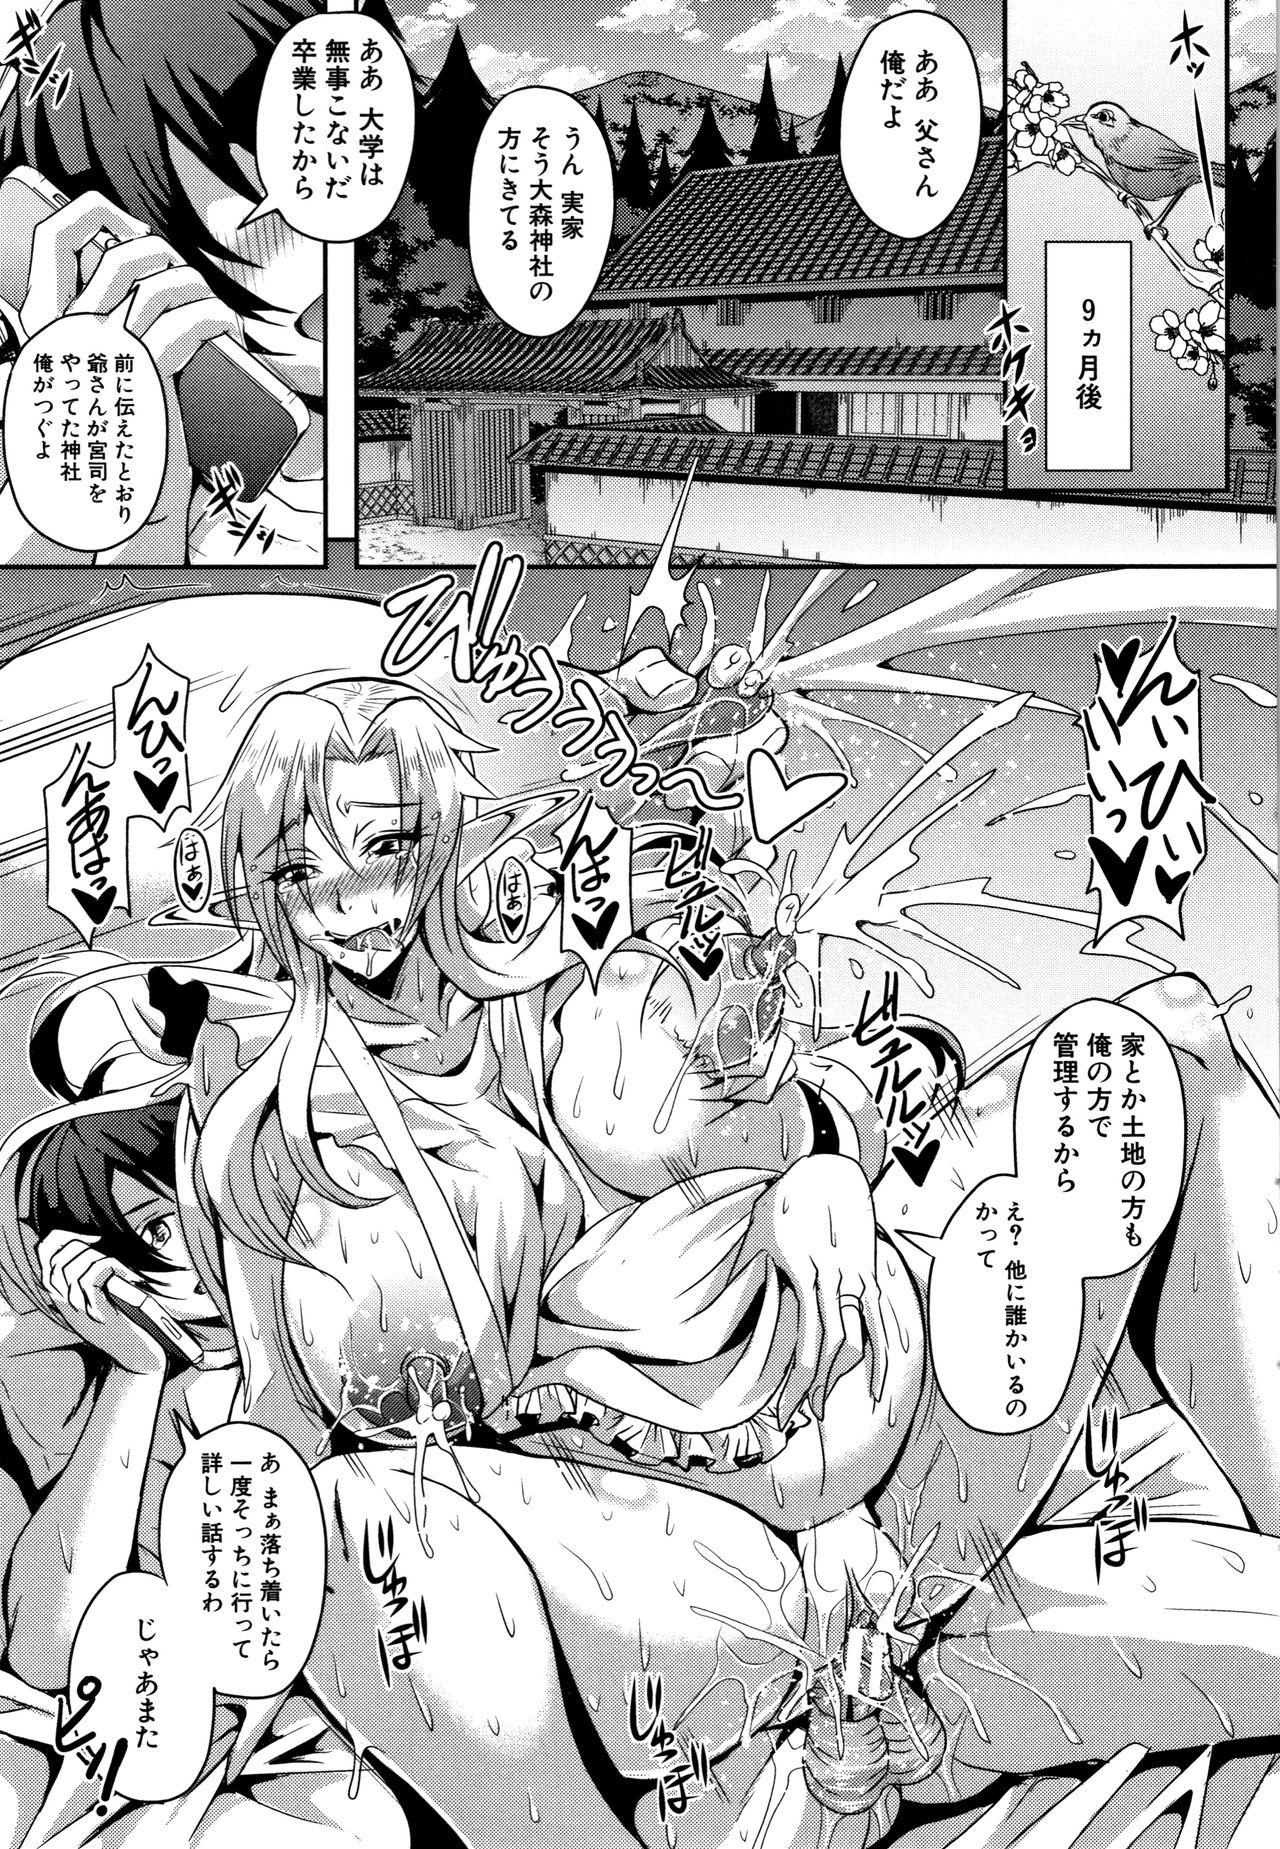 Elf Harem Monogatari - Elf Harem Story 40